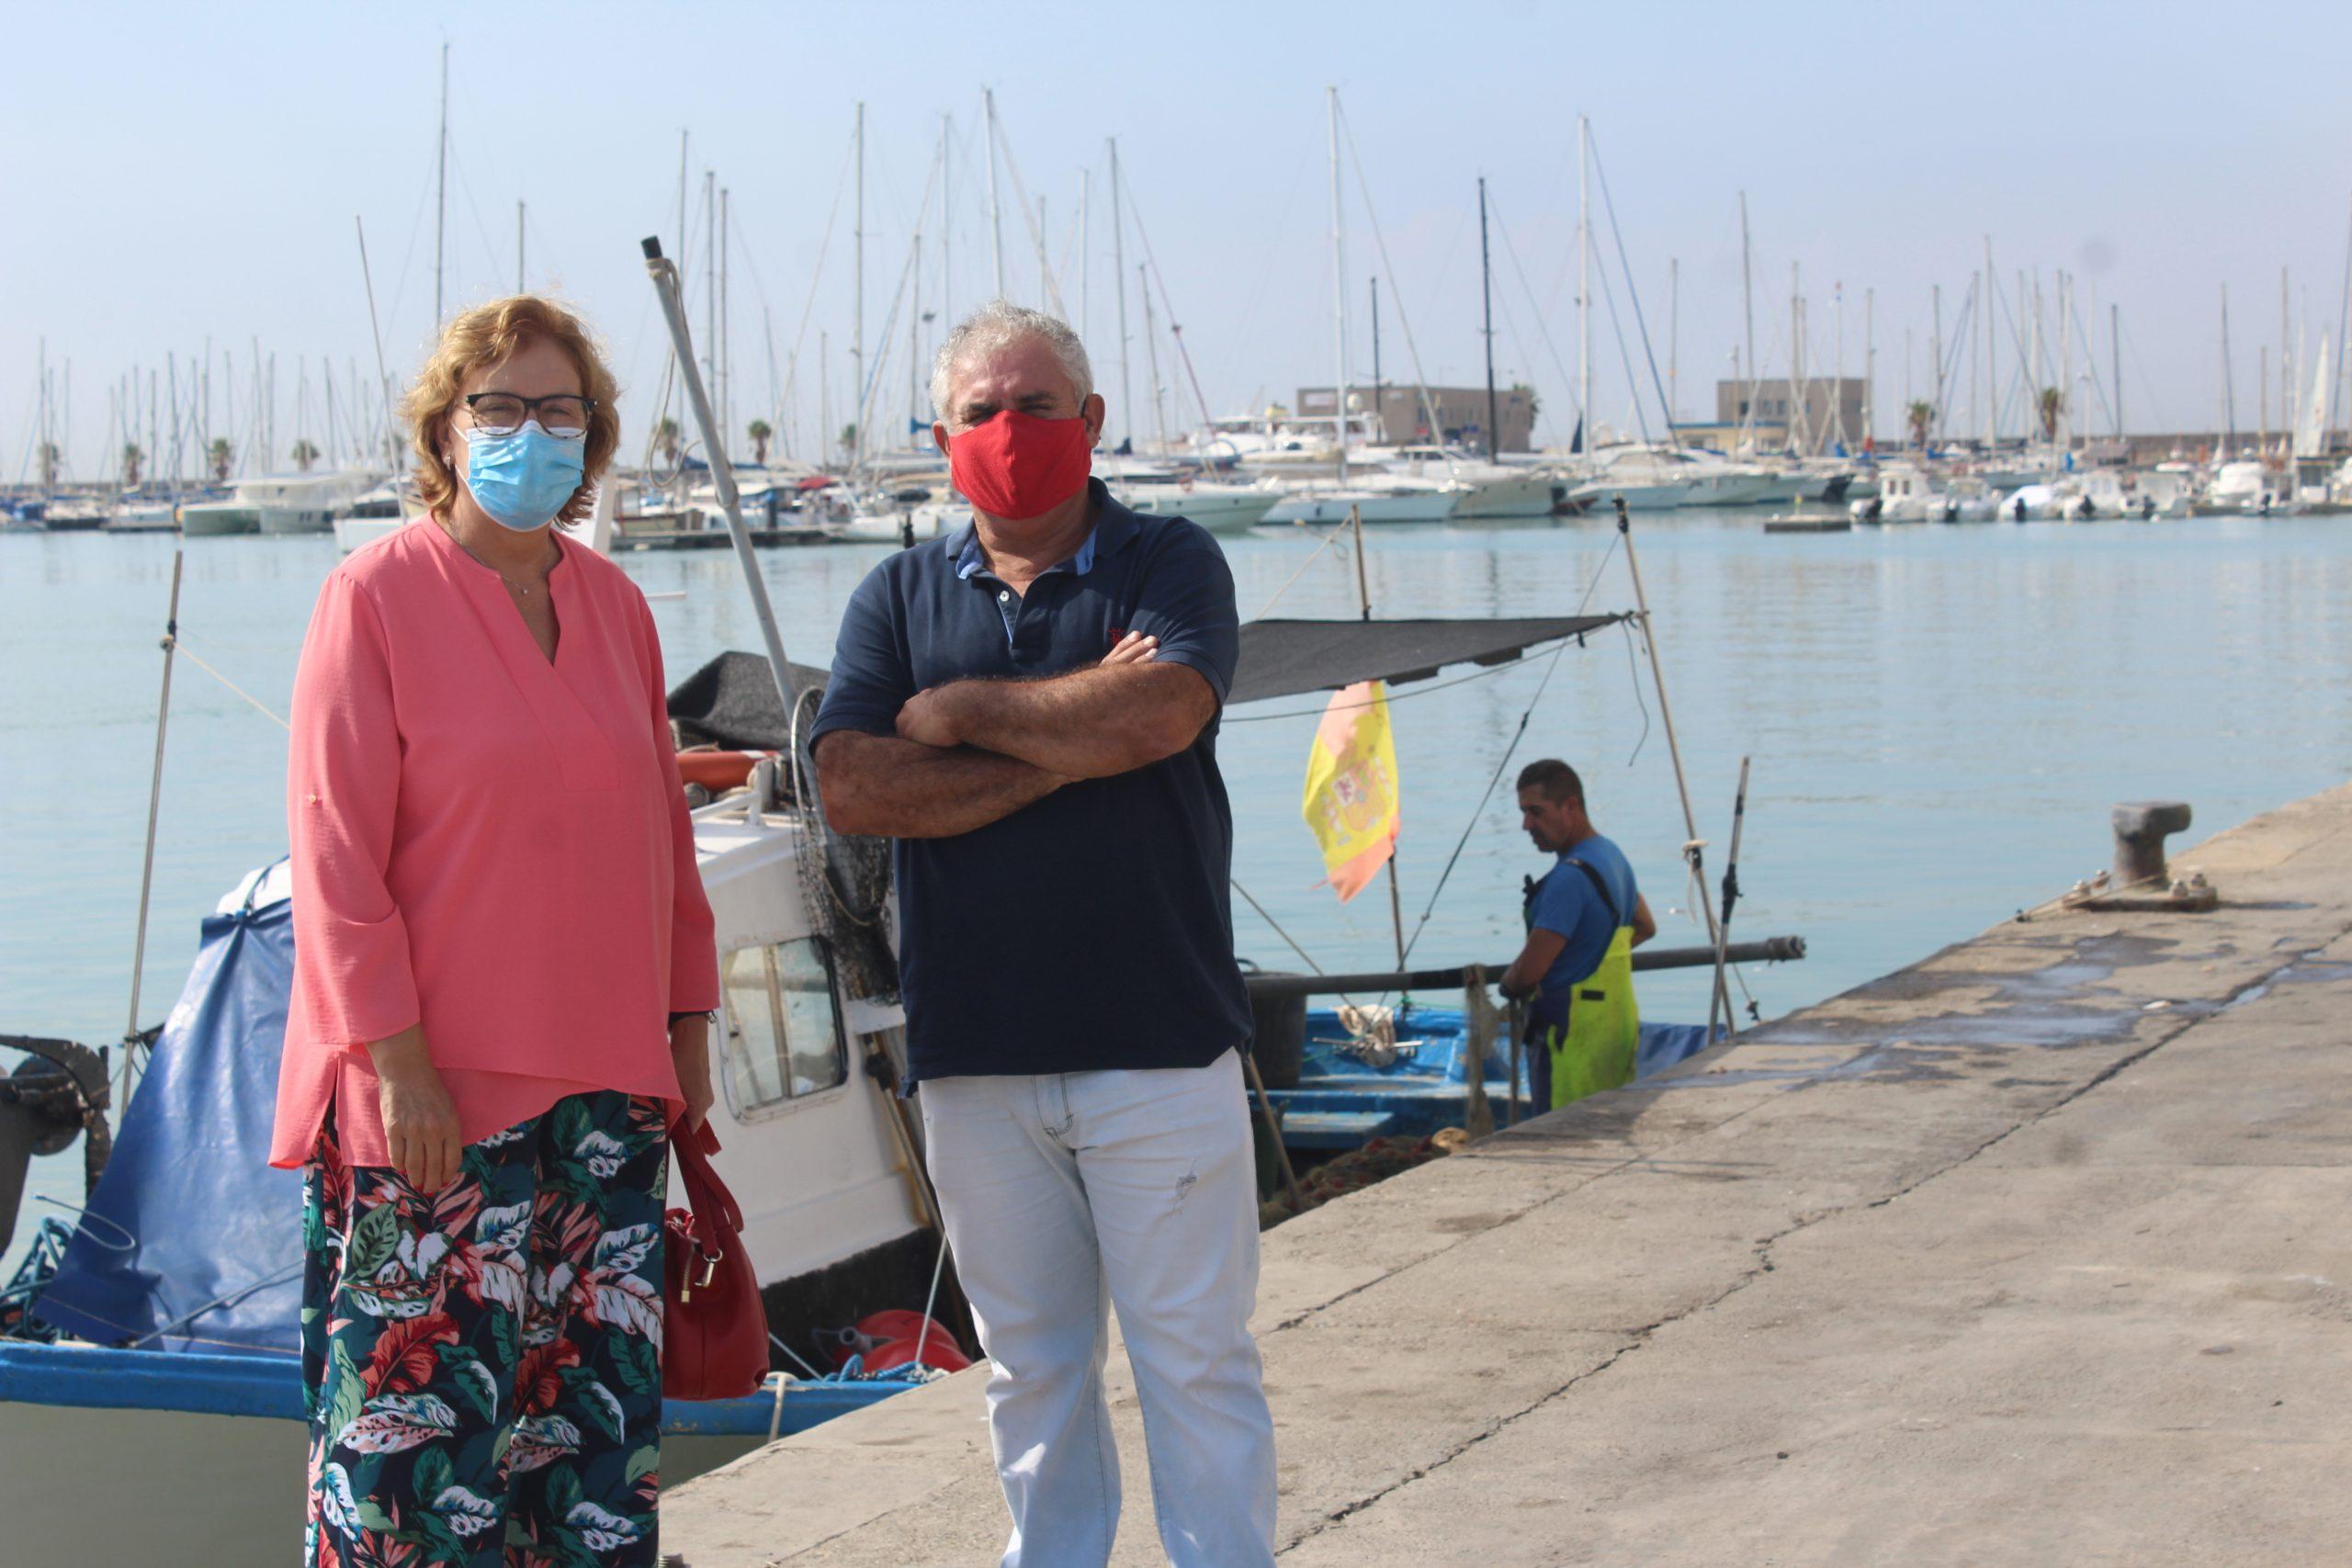 El Ayuntamiento de Borriana presenta alegaciones ante la amenaza de extinción de la pesca artesanal